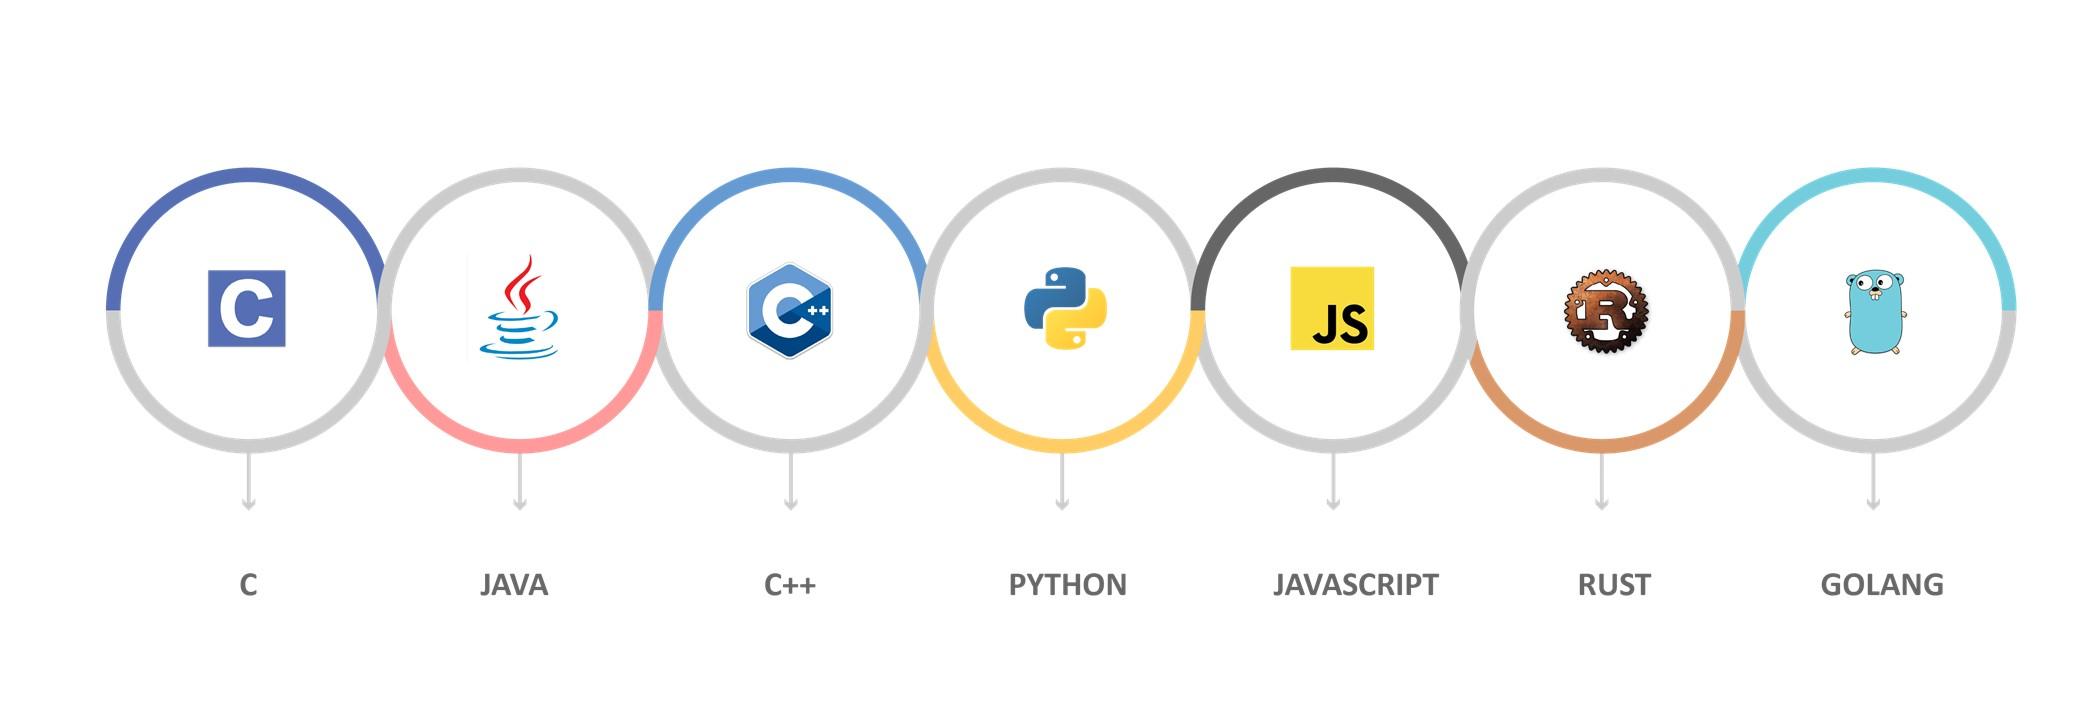 Một số ngôn ngữ lập trình phổ biến hiện nay - ảnh minh họa